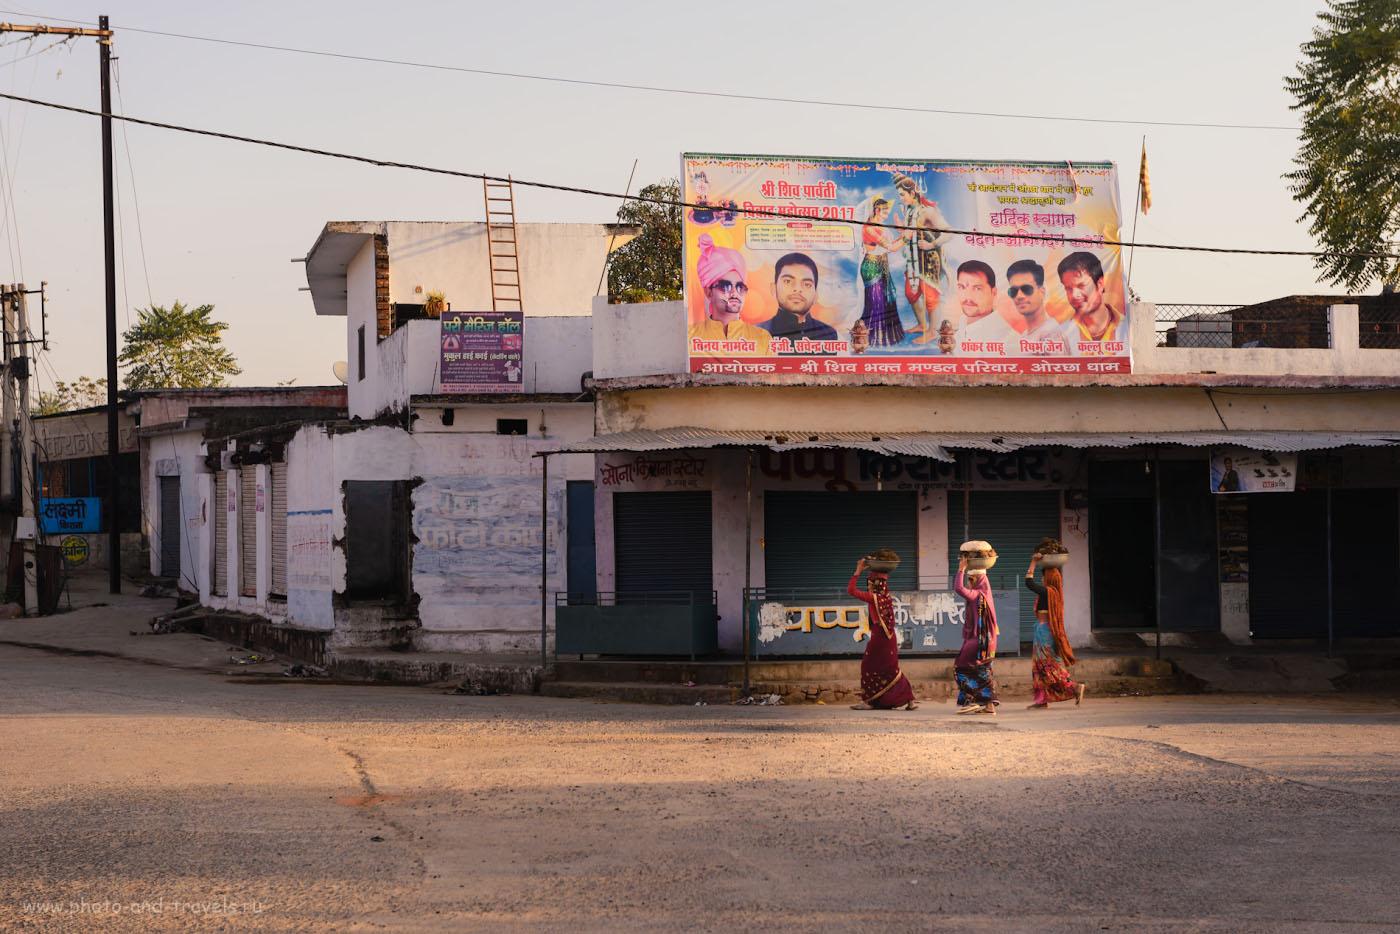 Фото 3. Сборщицы кизяка на улицах Орчхи. Отзывы об отдыхе в Индии. 1/160, 5.6, 180, 70.